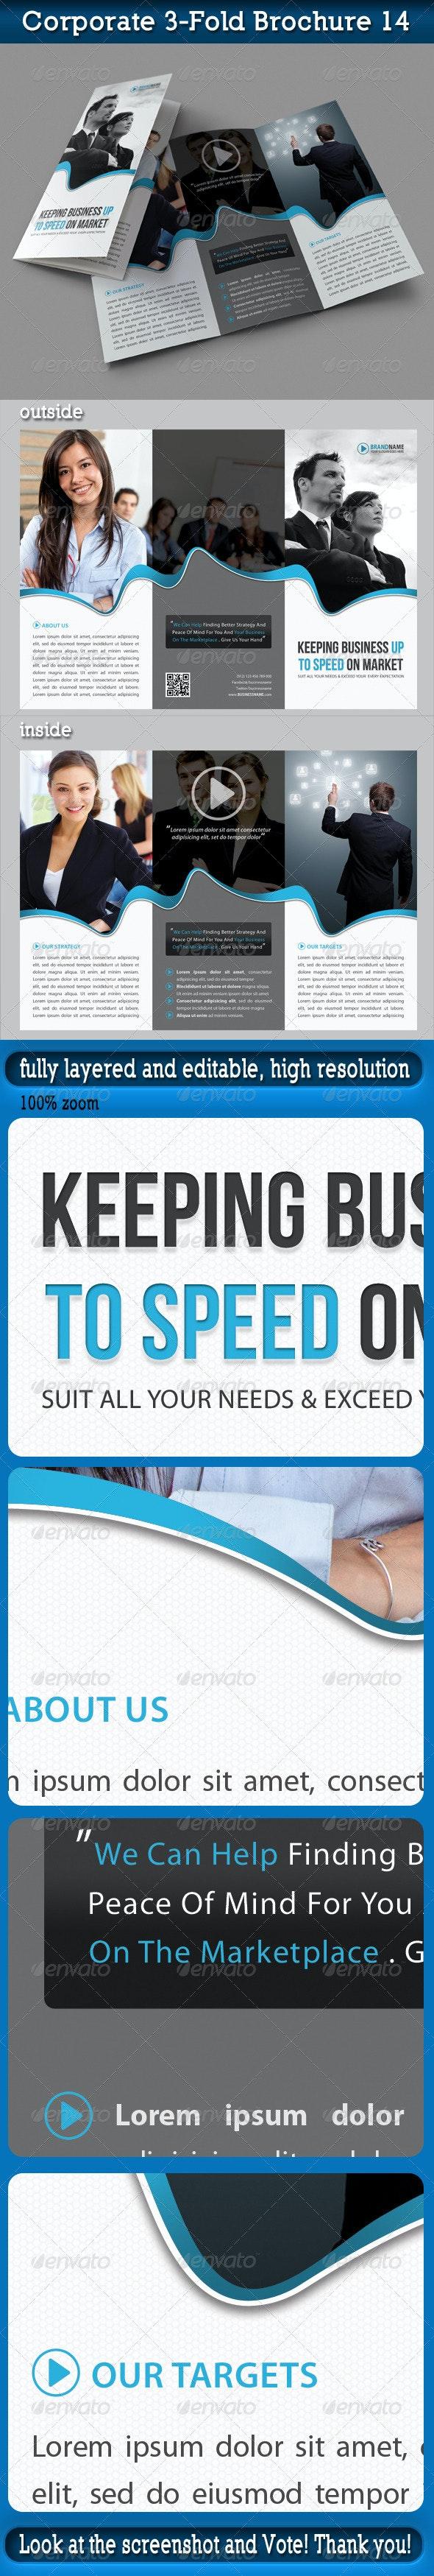 Corporate 3-Fold Brochure 14 - Corporate Brochures